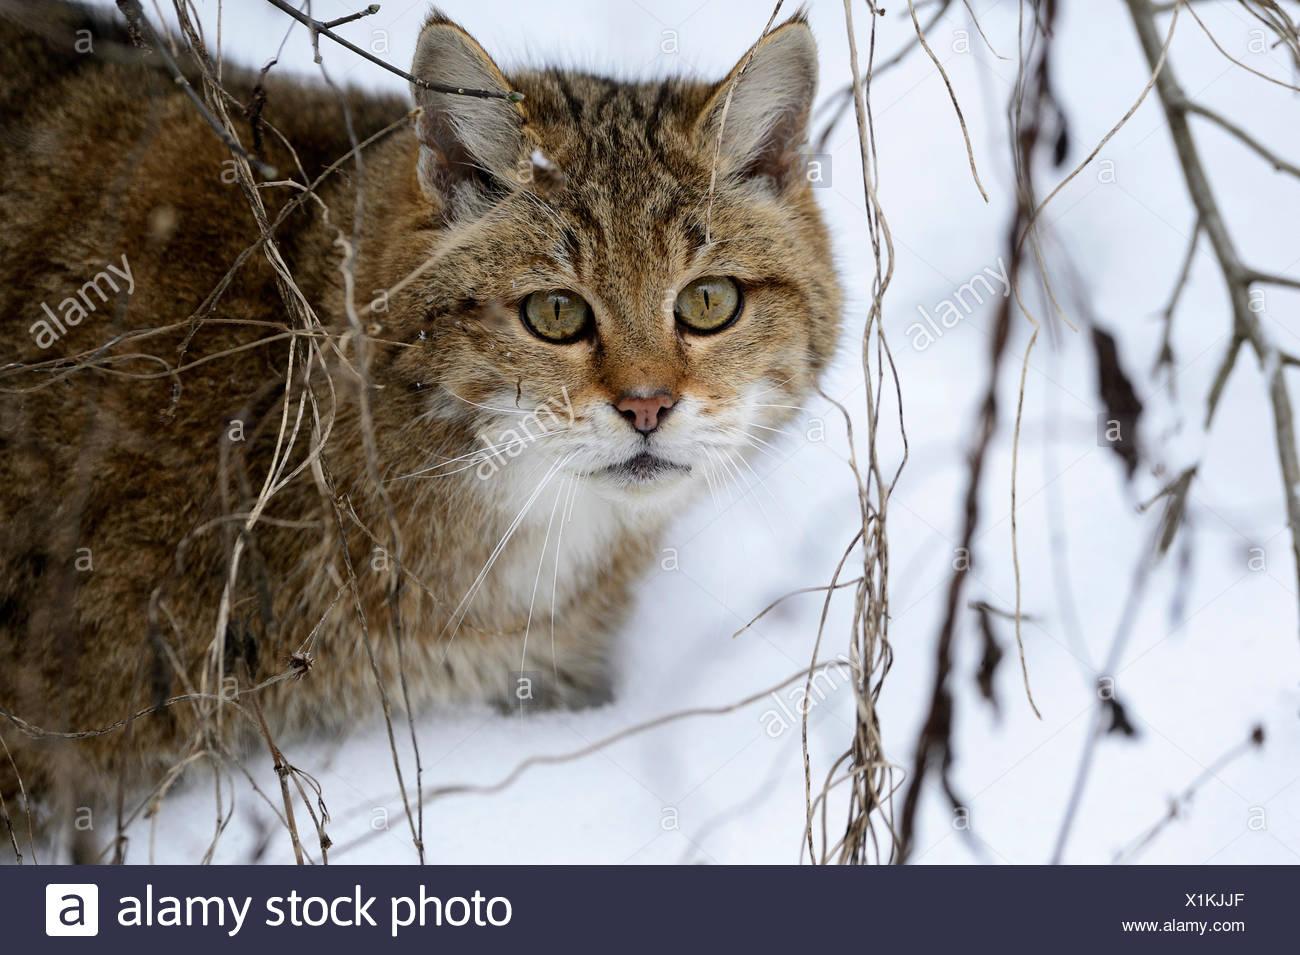 Wildkatze Predator Spiel Räuber Räuber kleine Katzen Katzen Katze Wildkatzen Felis Silvestris Wildkatzen Schnee Winter Tier, Stockbild